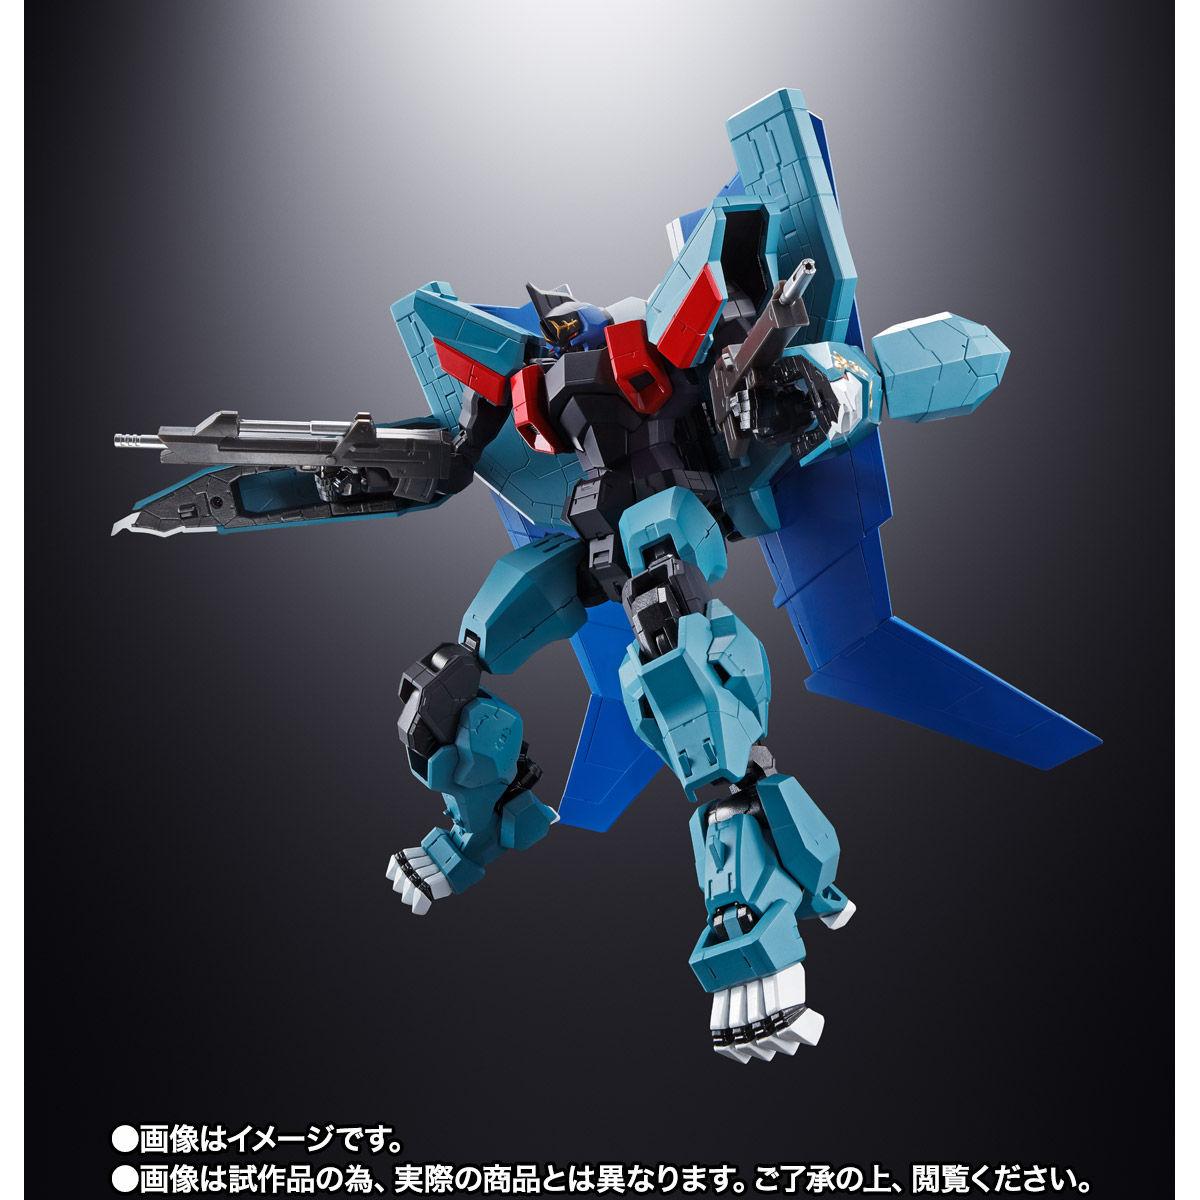 【限定販売】超合金魂 GX-94『ブラックウイング』超獣機神ダンクーガ 可変可動フィギュア-006